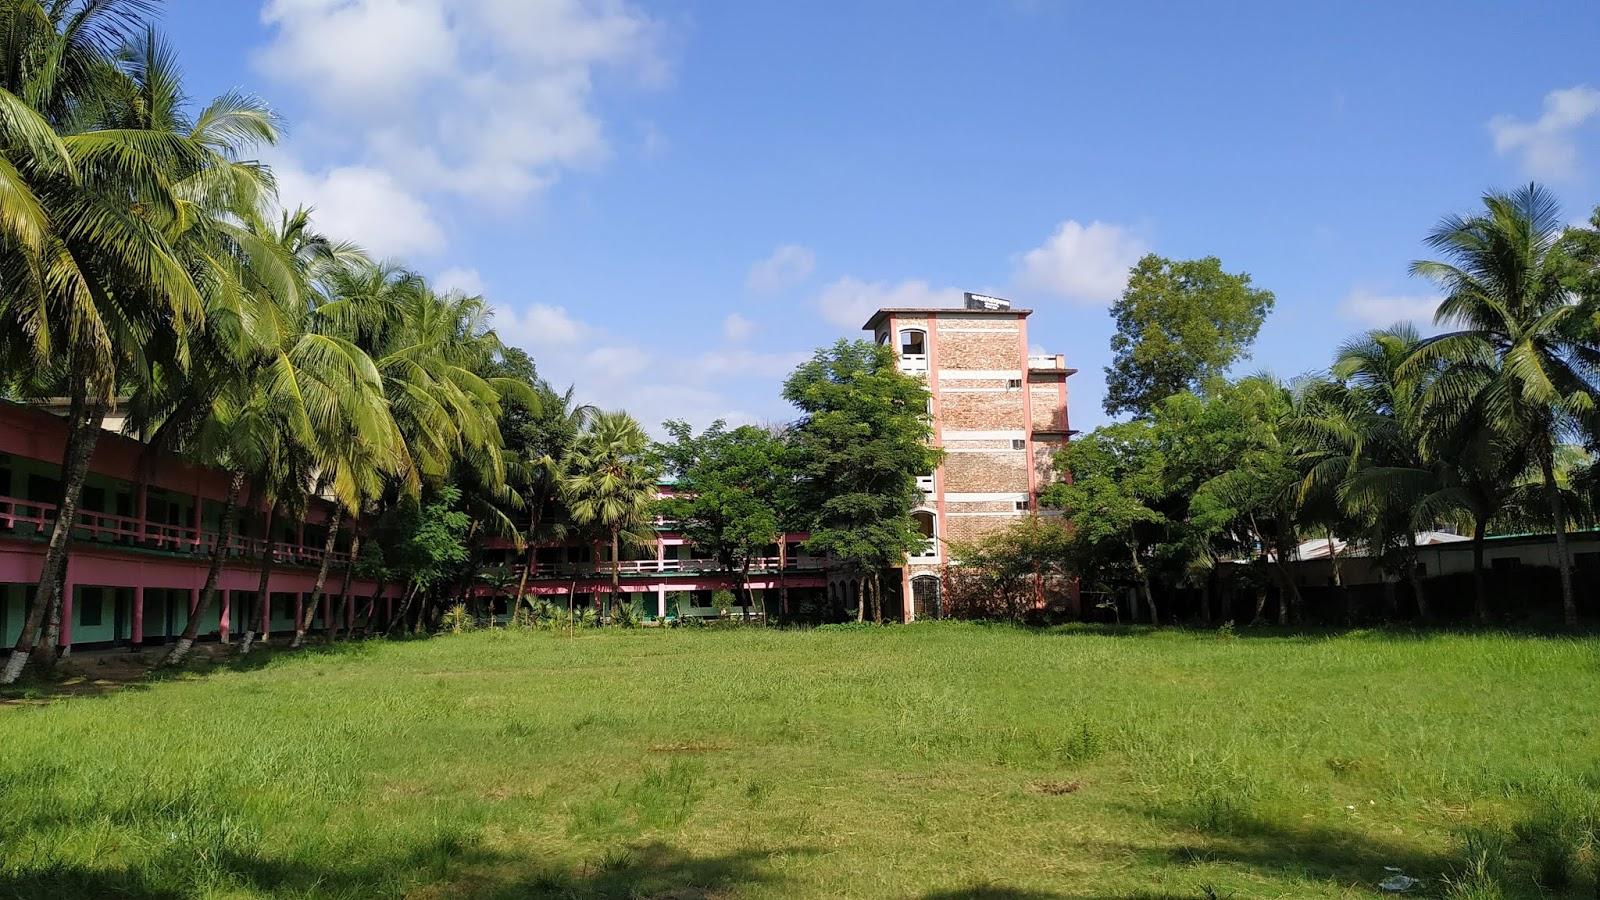 Anwara Government College - Anwara, Chittagong